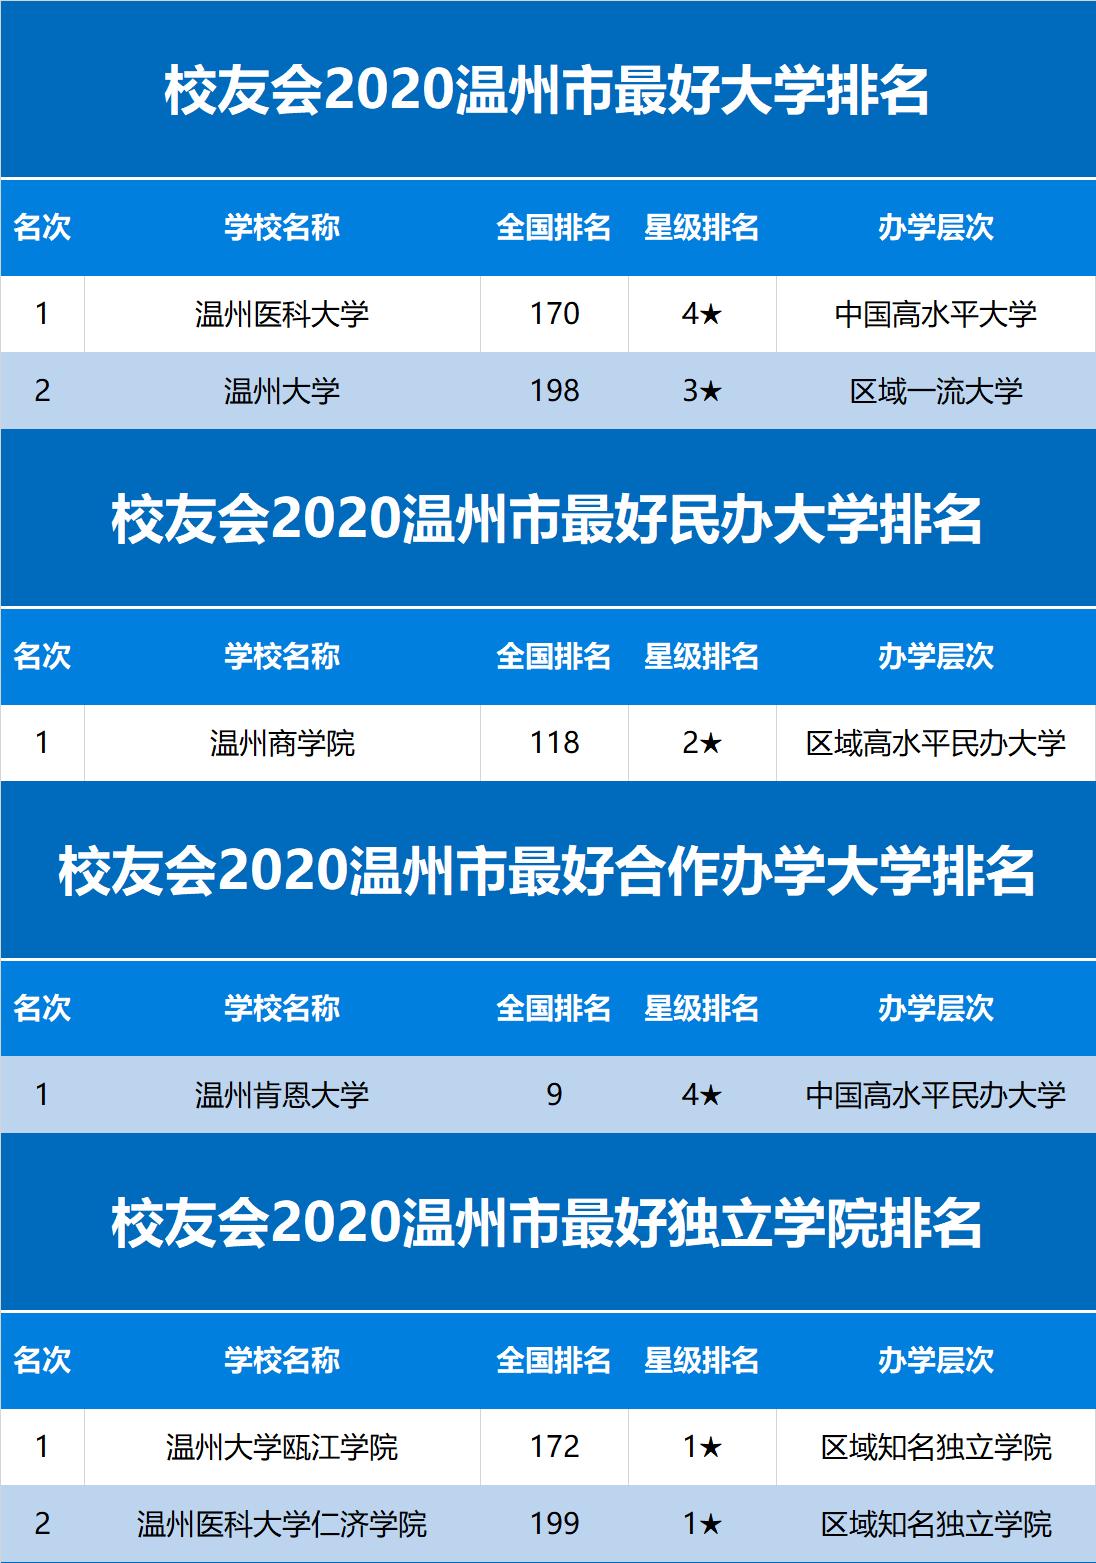 2020温州高考排名学_2020年温州市这四所高中非常火爆,数字说明他们的辉